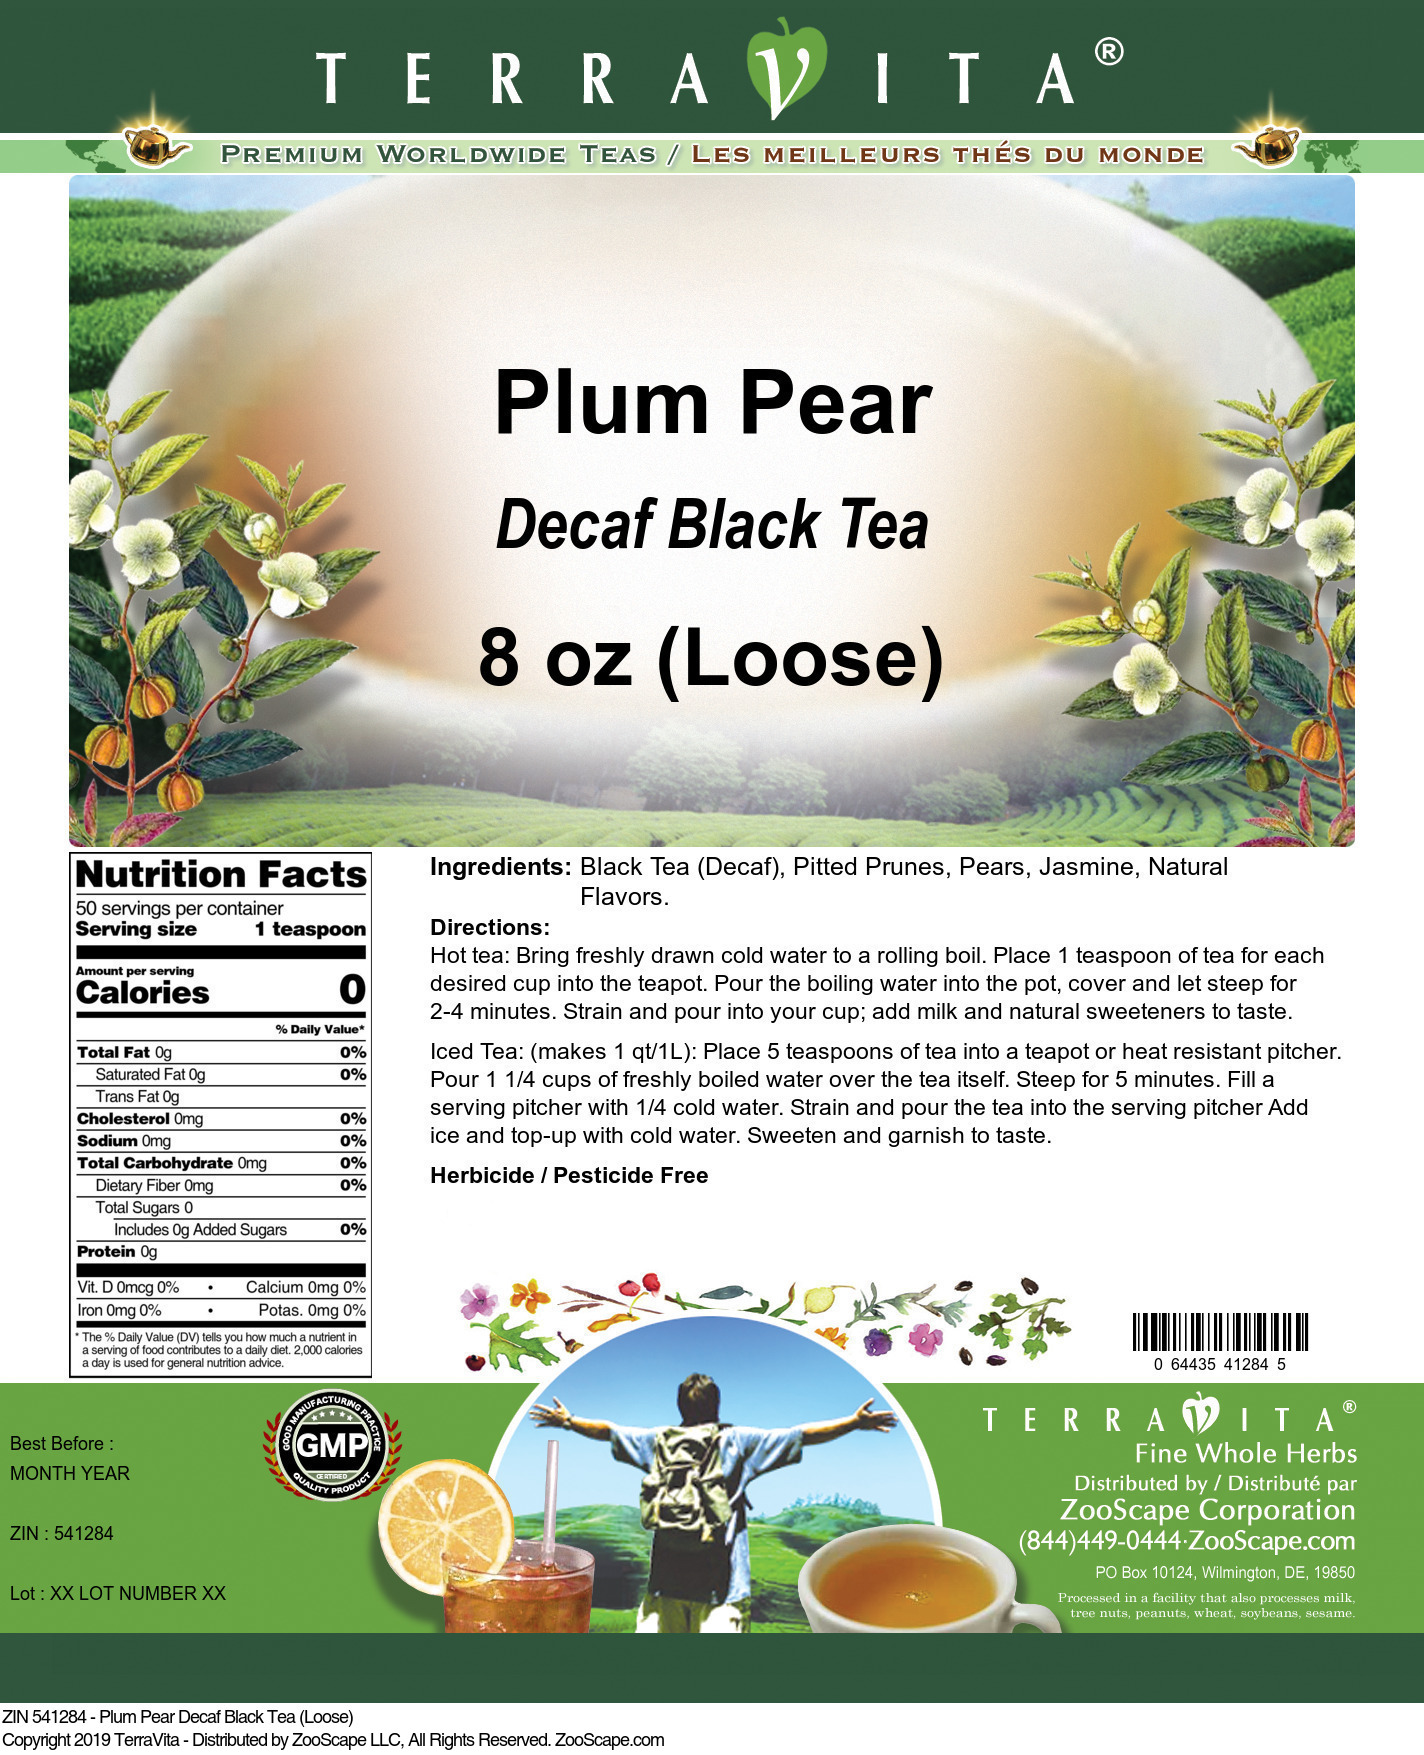 Plum Pear Decaf Black Tea (Loose)